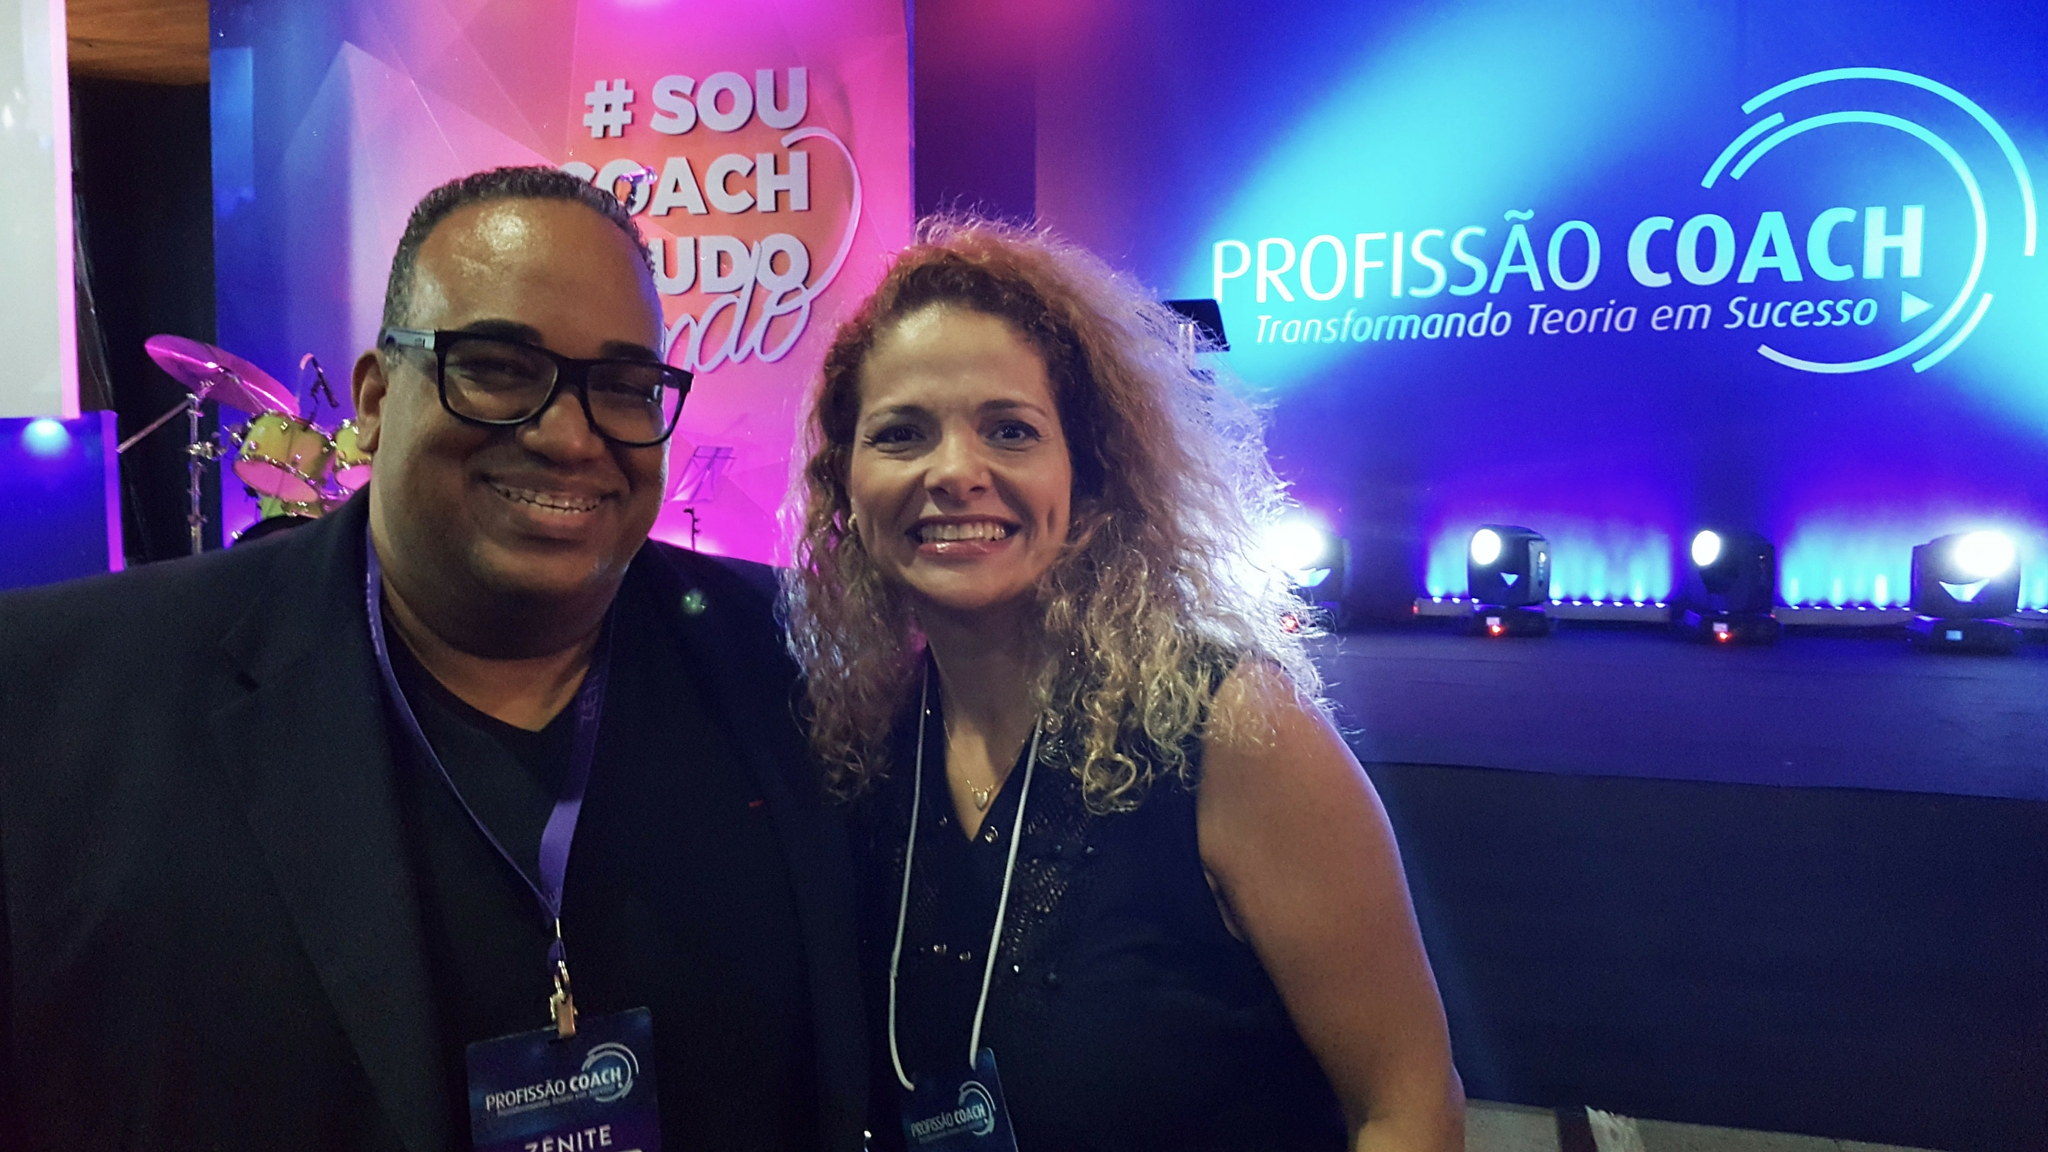 Patrícia Pedrozo com Wilton Neto no Profissão Coach